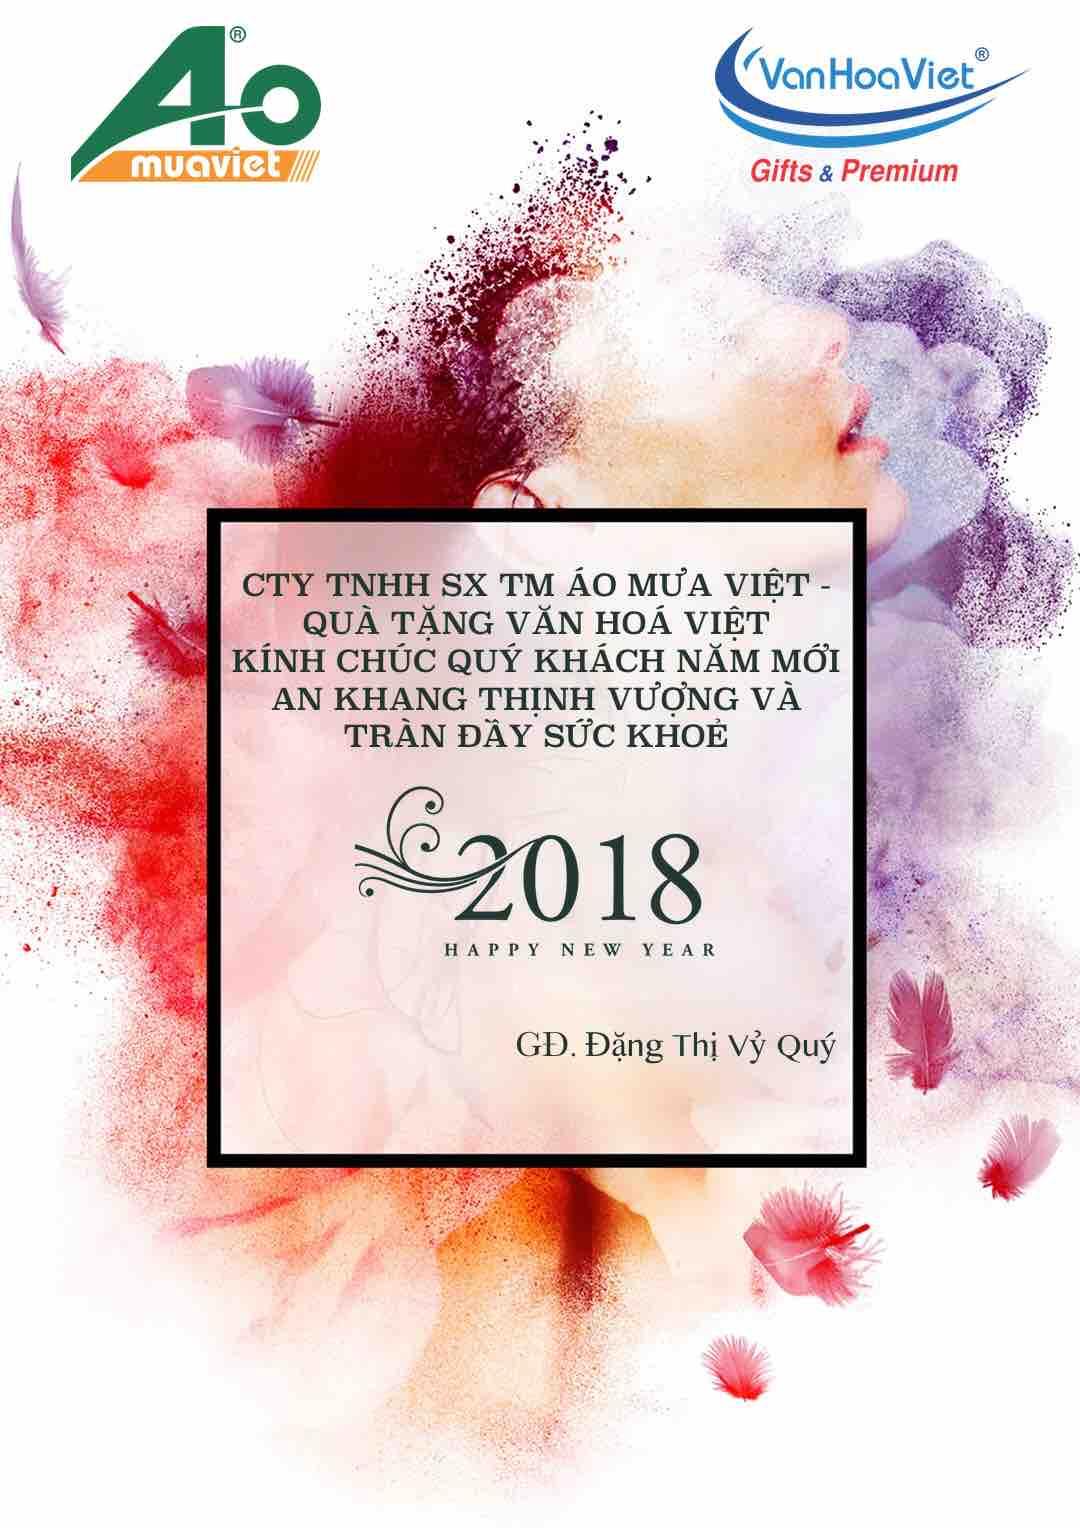 THÔNG BÁO Lịch Nghỉ Tết Nguyên Đán Năm 2018